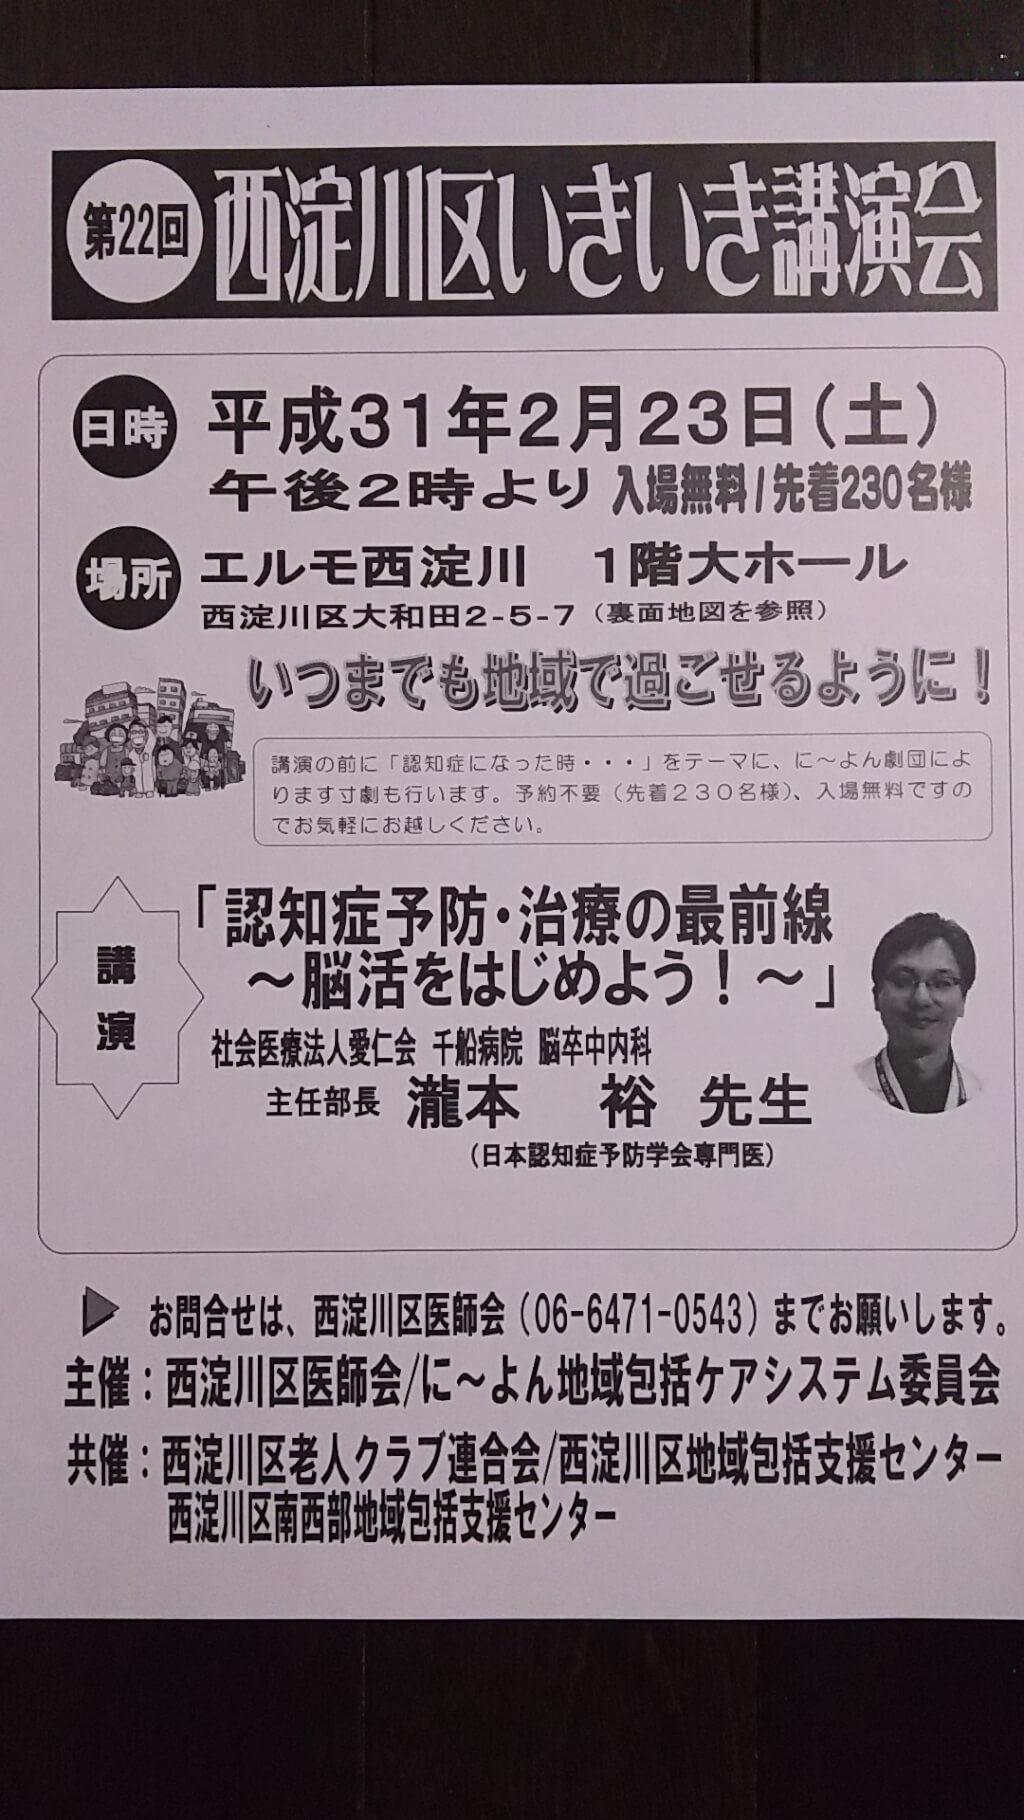 第22回 西淀川区いきいき講演会 認知症予防・治療の最前線 の お知らせ